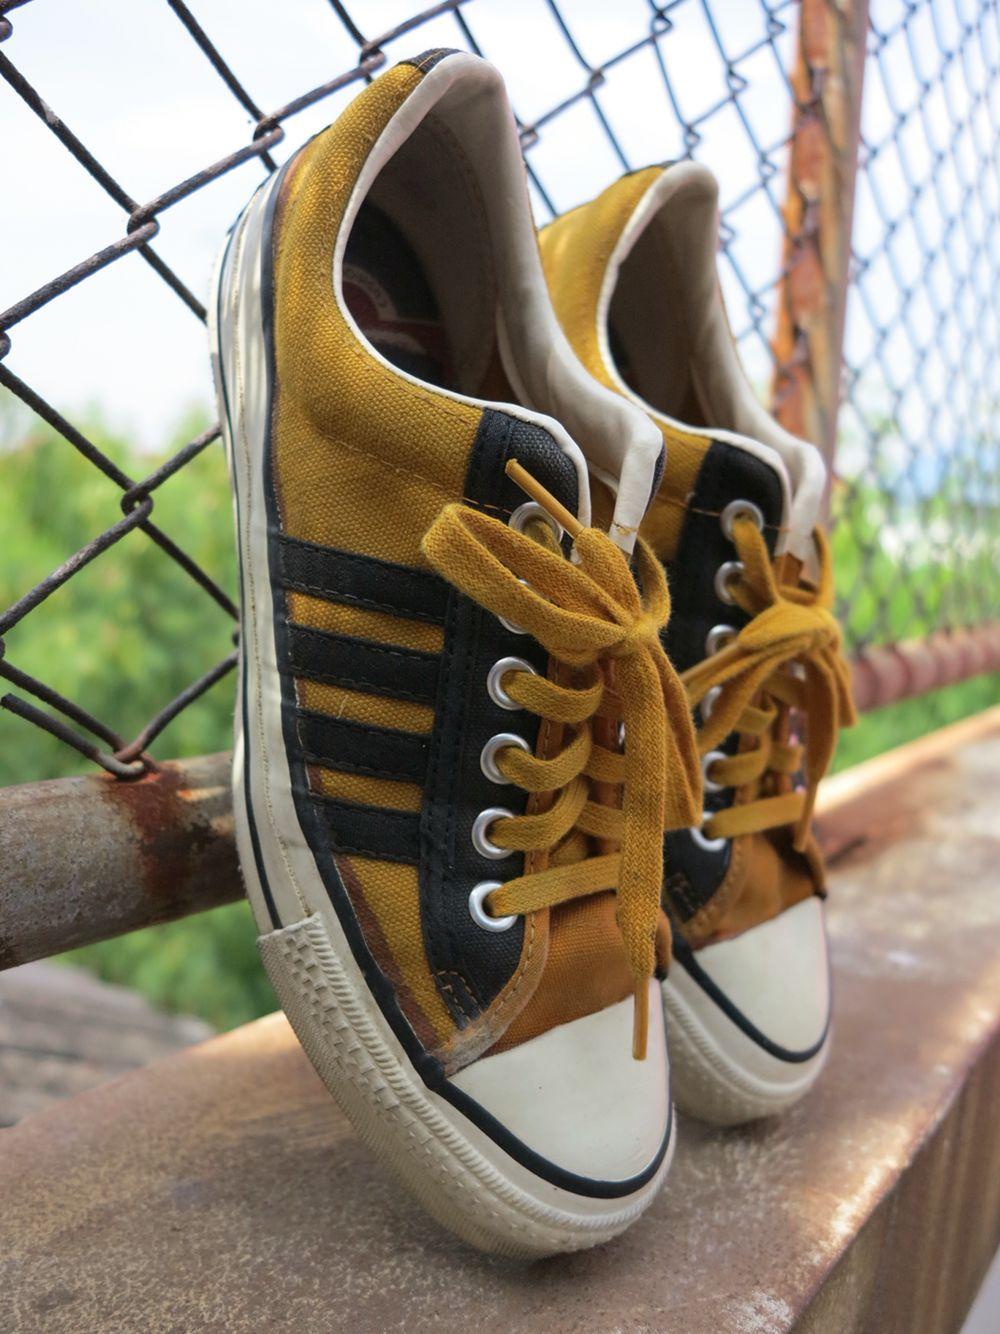 65e48fb3c6aad Vintage converse winner 70's | aot ในปี 2019 | คอนเวิร์ส รองเท้า ...